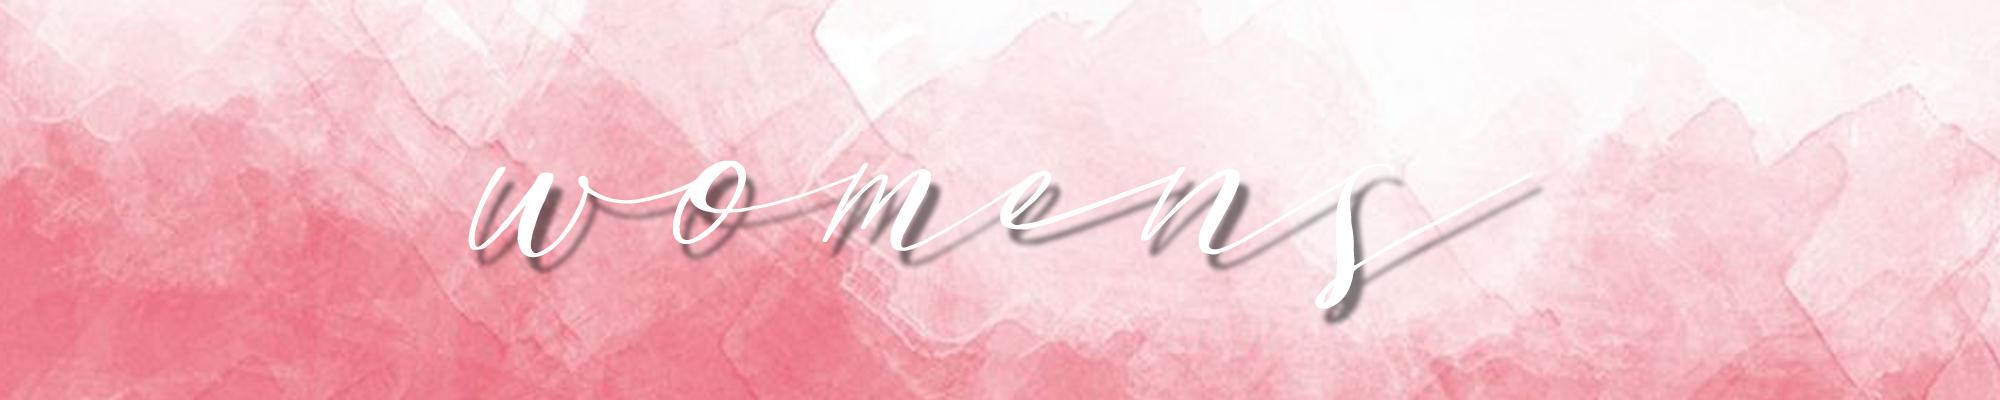 womens-2021-banner.jpg